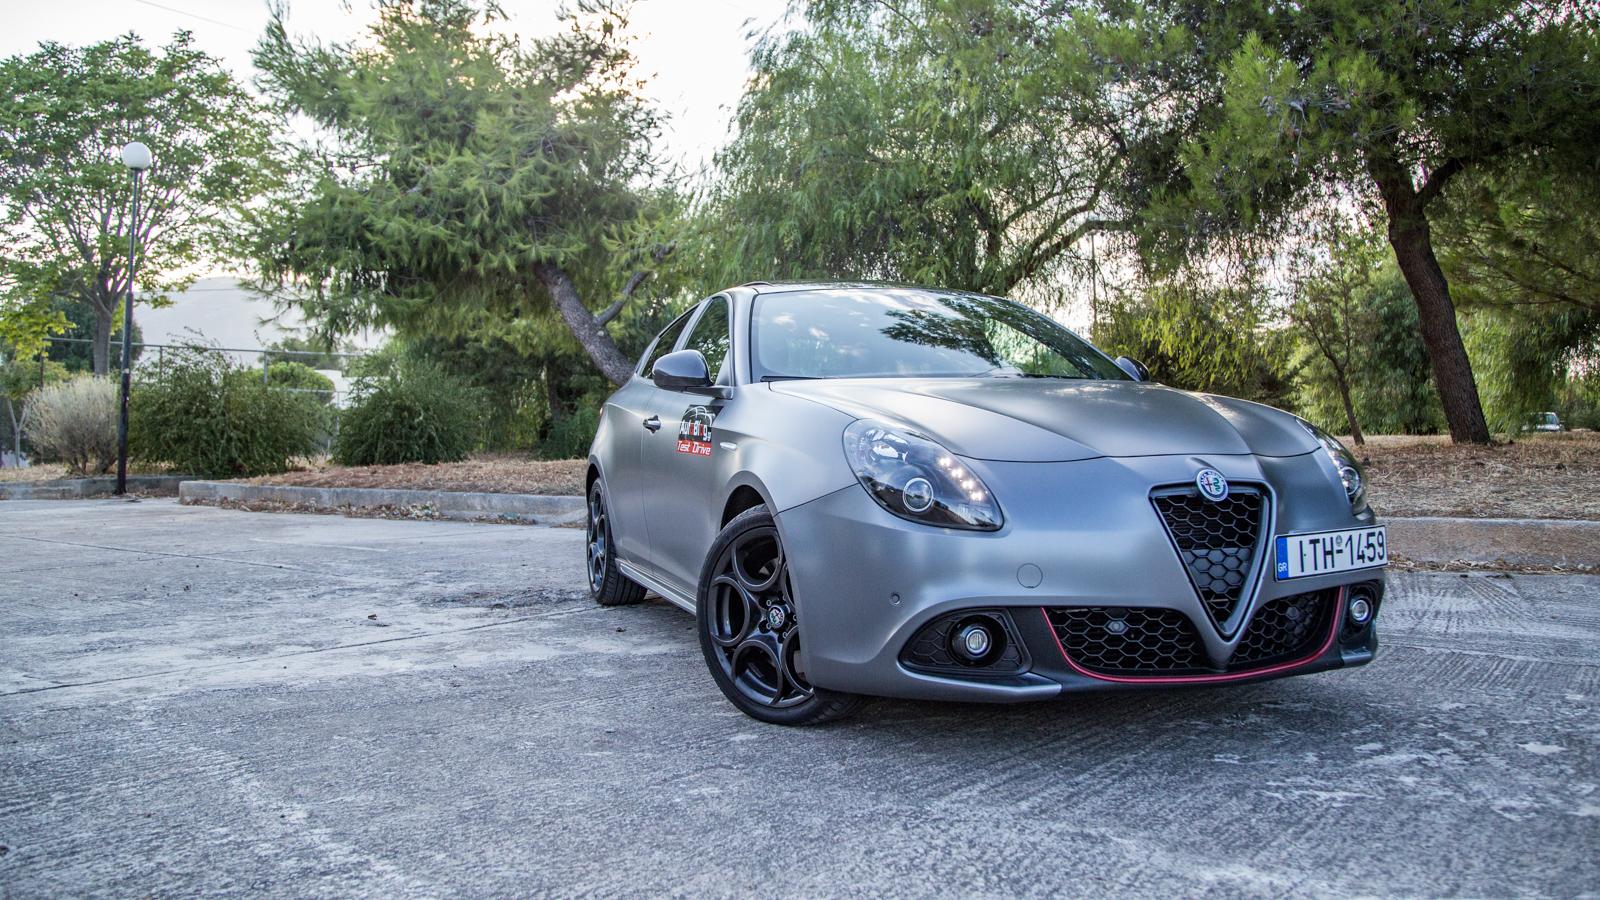 Test_Drive_Alfa_Romeo_Giulietta_TCT_1.6_JTDM-2_07